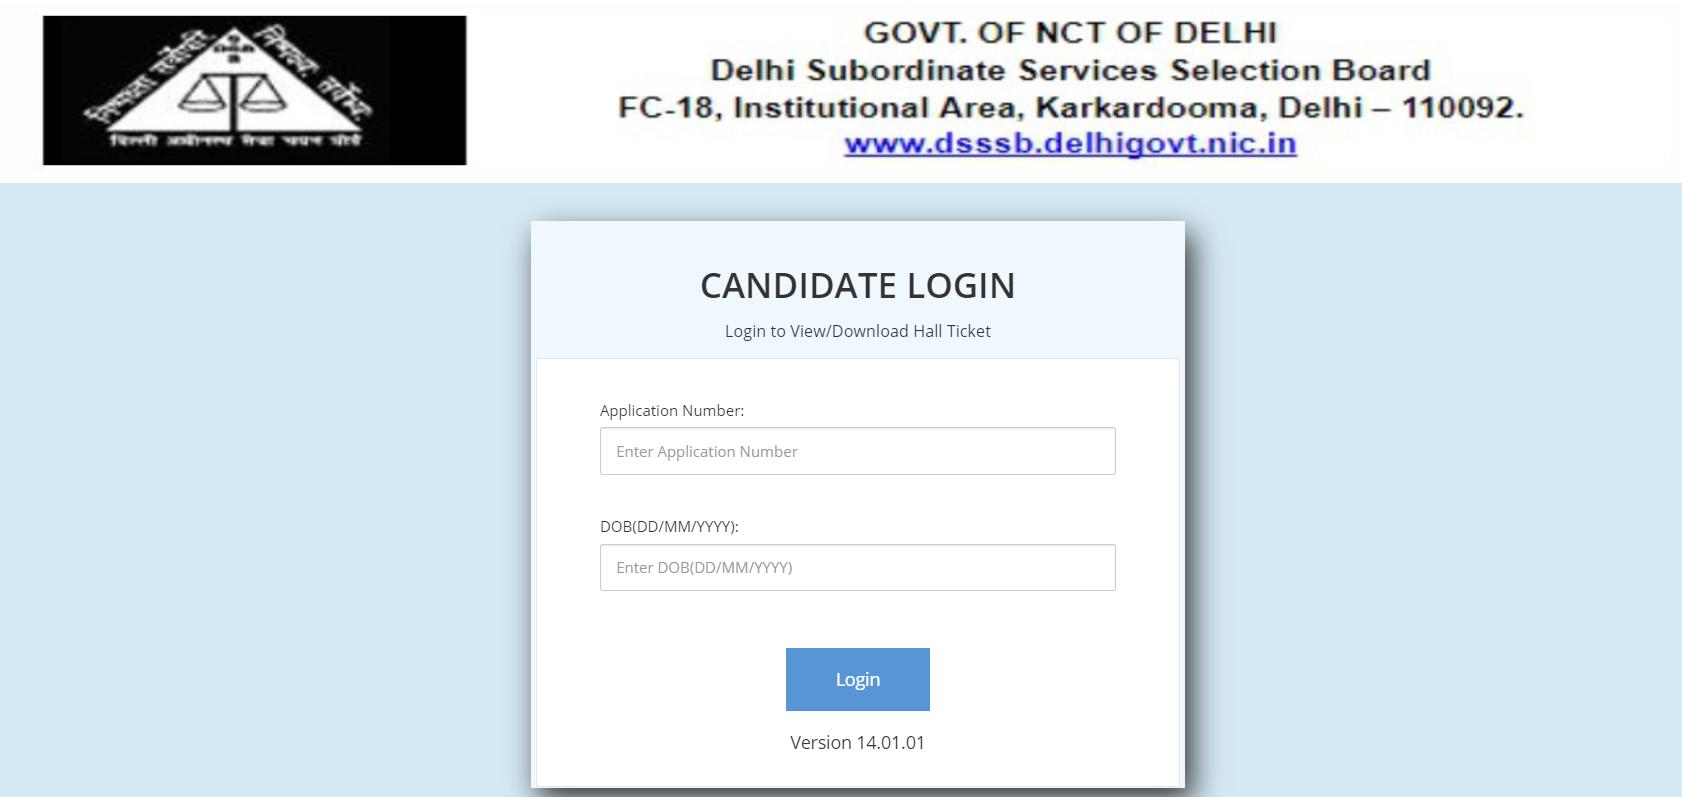 विभिन्न पदों के लिए DSSSB एडमिट कार्ड : अभी डाउनलोड करें| परीक्षाएं स्थगित नहीं होंगी_60.1